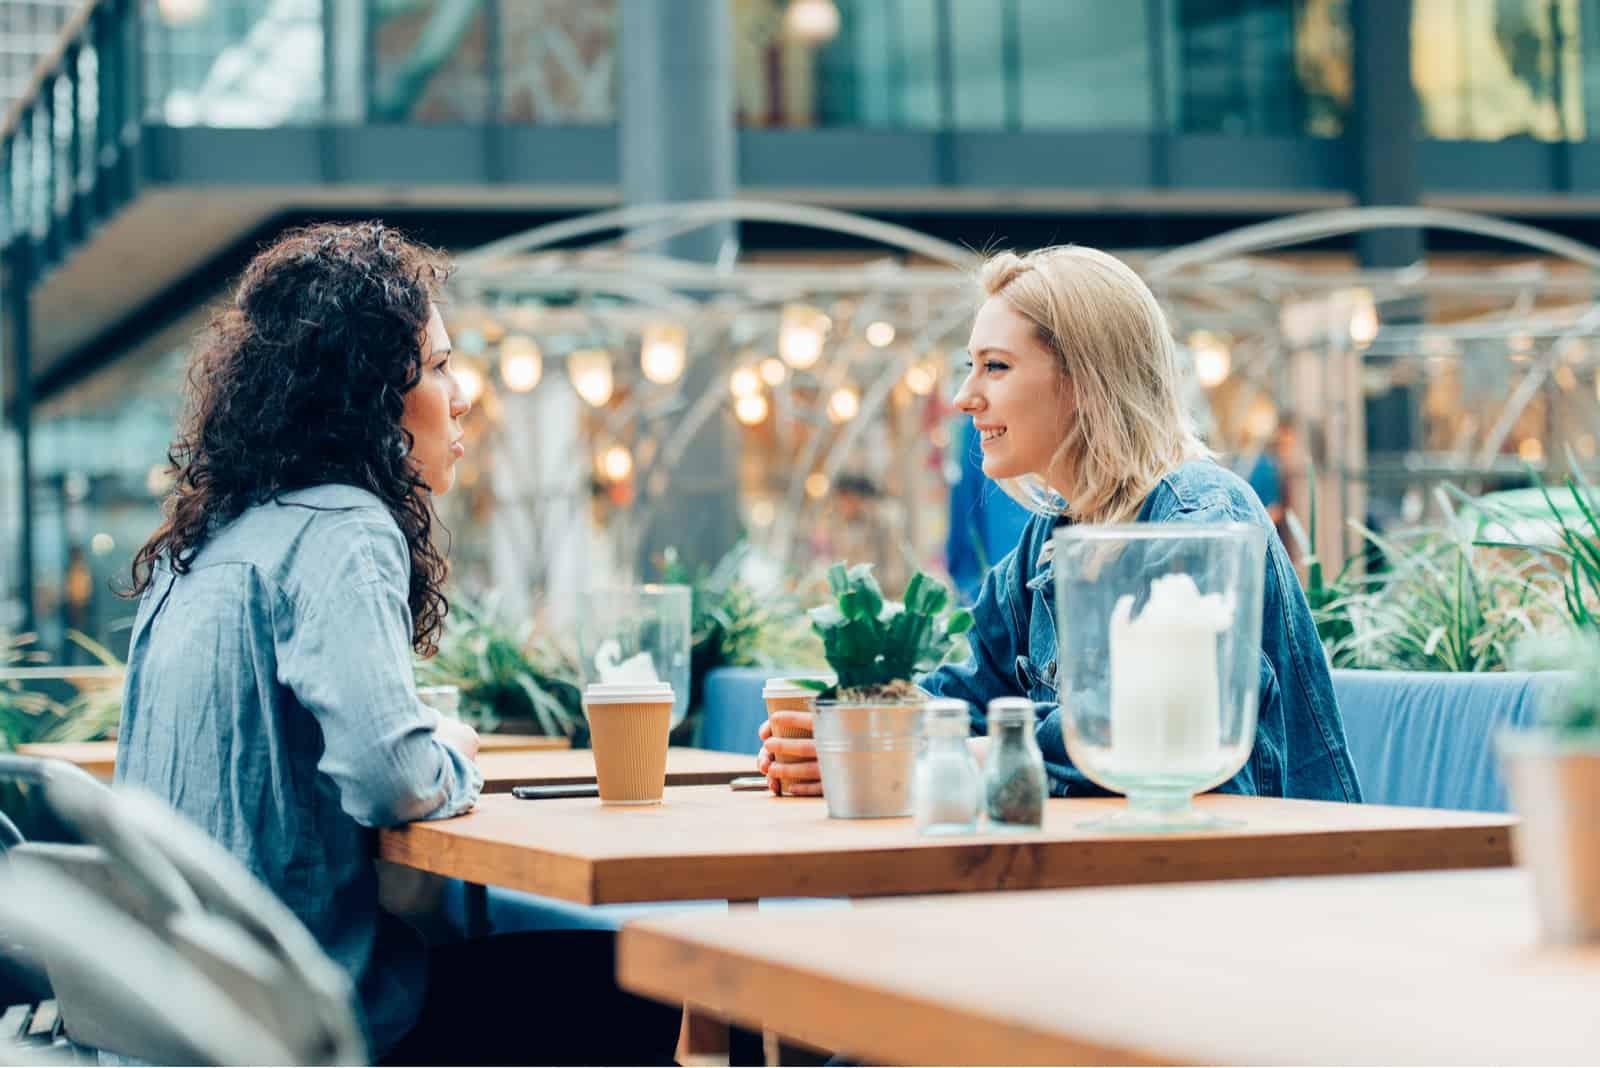 deux amis sont assis à une table et parlent